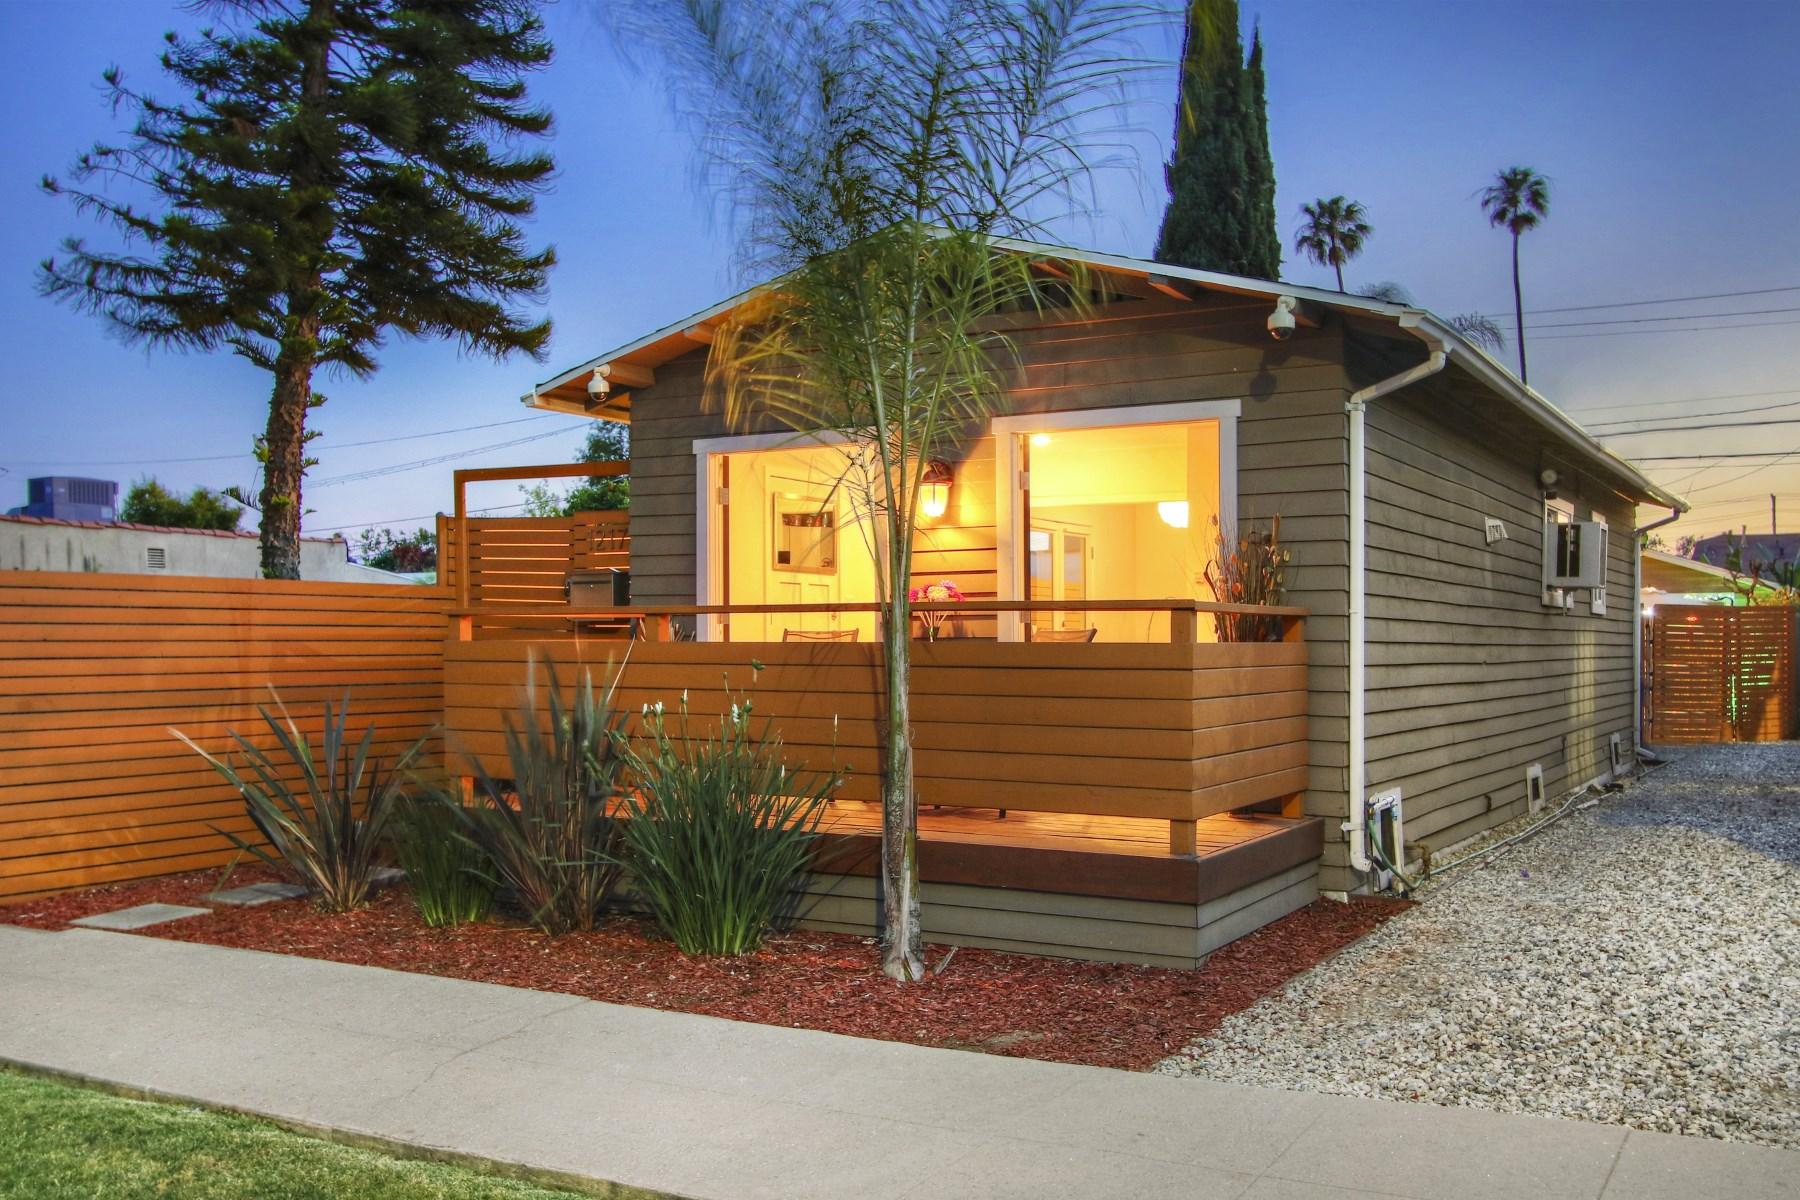 Частный односемейный дом для того Продажа на 1217 North Hoover Street Silver Lake, Los Angeles, Калифорния, 90029 Соединенные Штаты